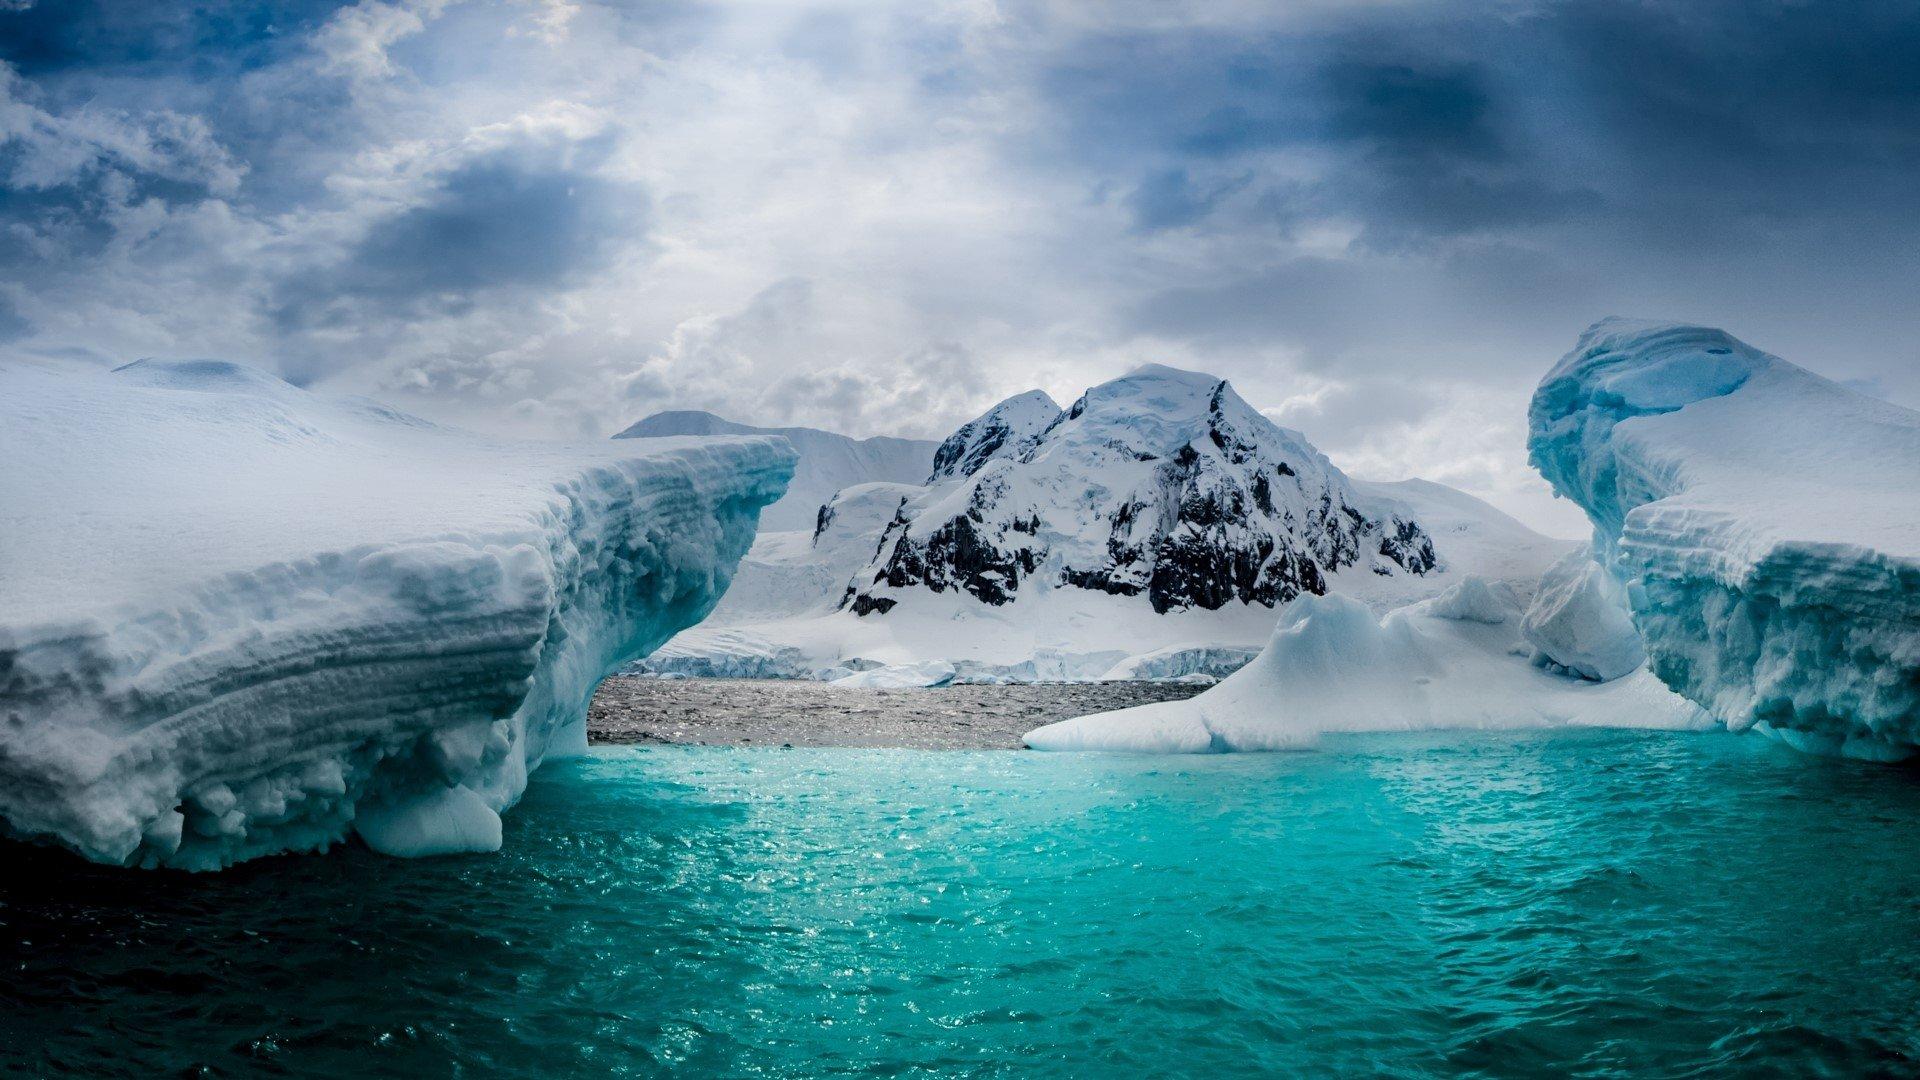 Half Moon Island in Antarctica HD Wallpaper Background Image 1920x1080